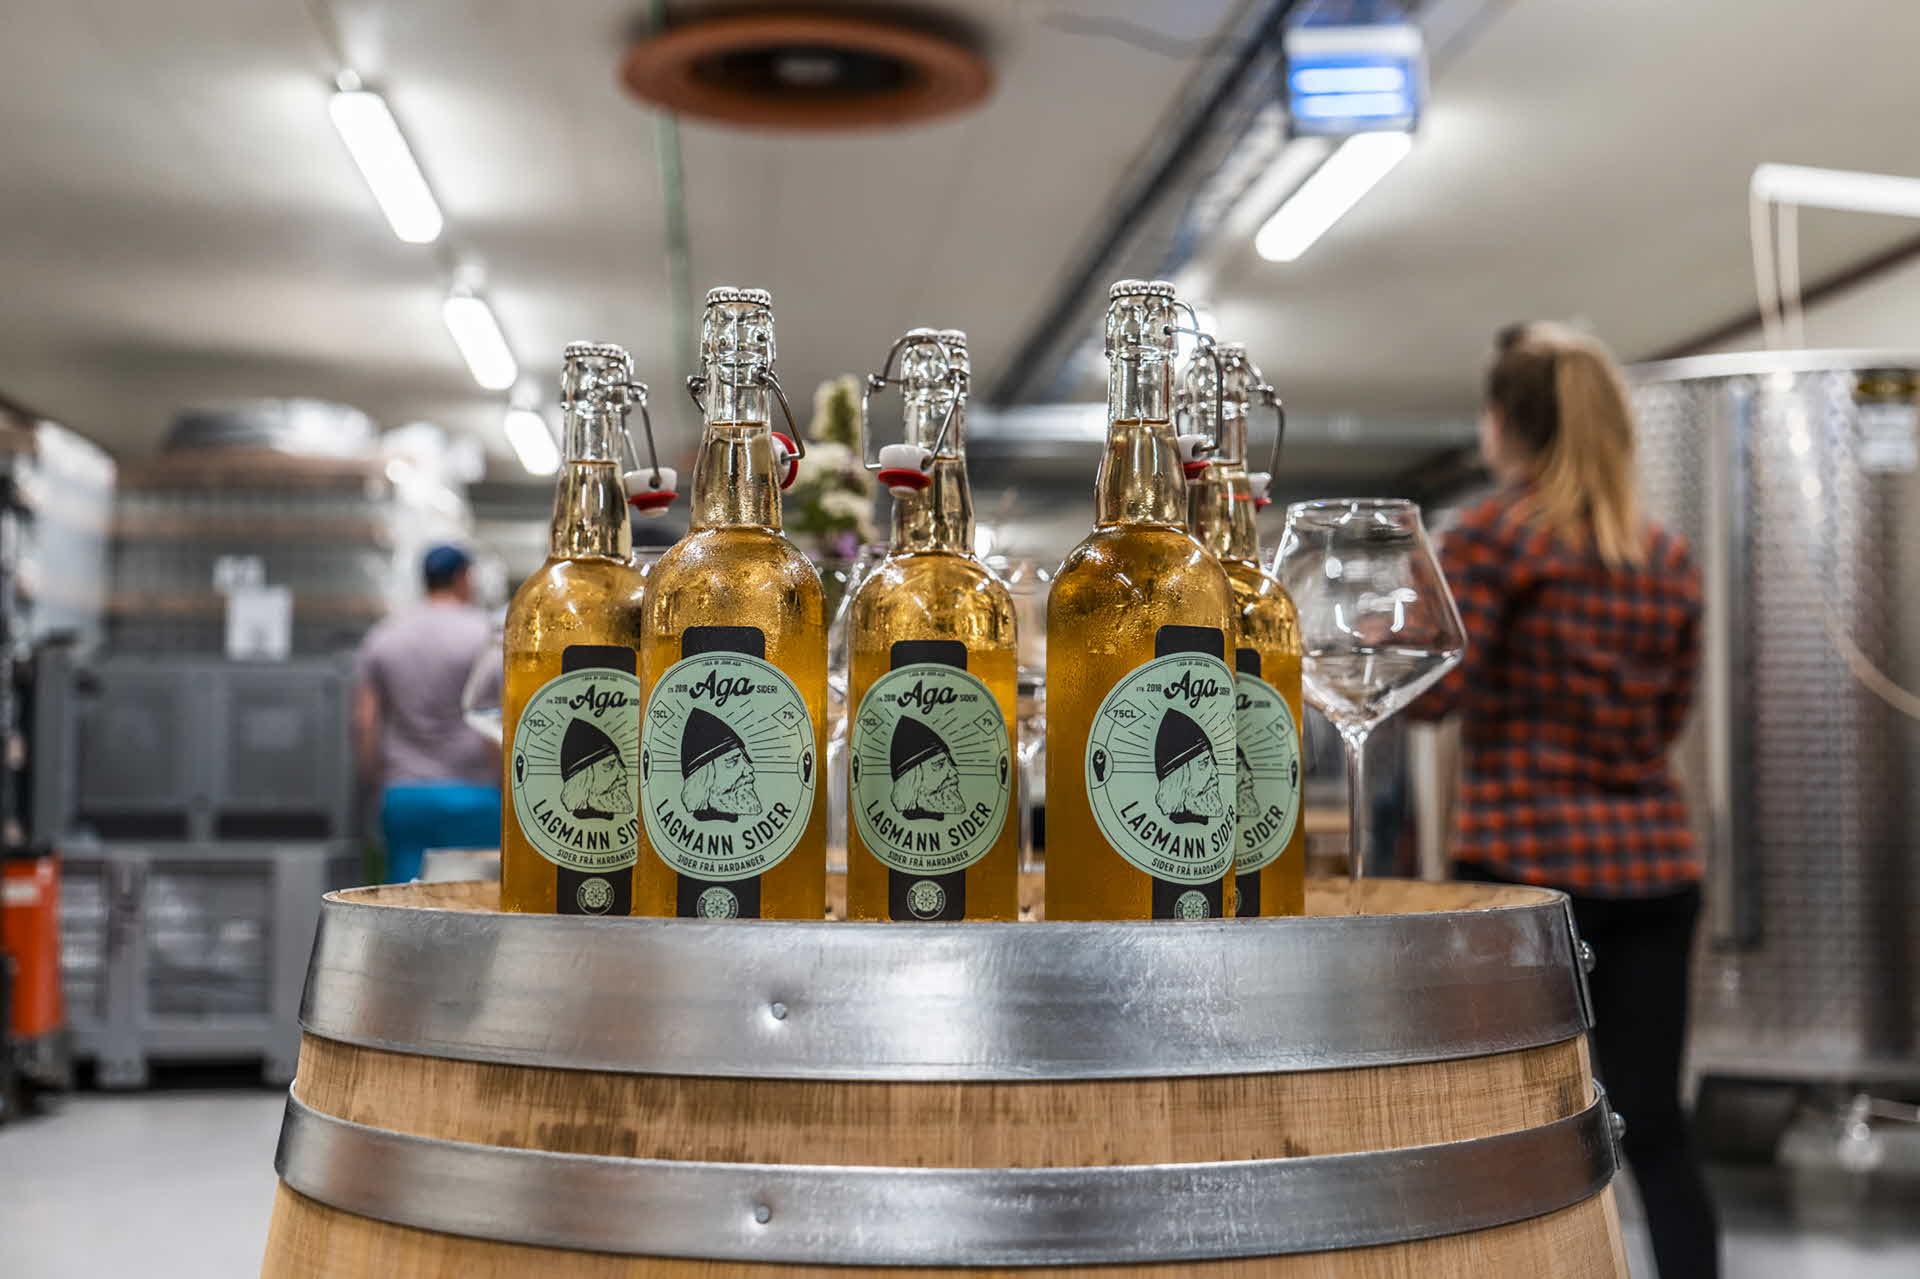 6Aga-Ciderflaschen auf einem Holzfass im Inneren der Aga-Ciderbrauerei in Hardanger